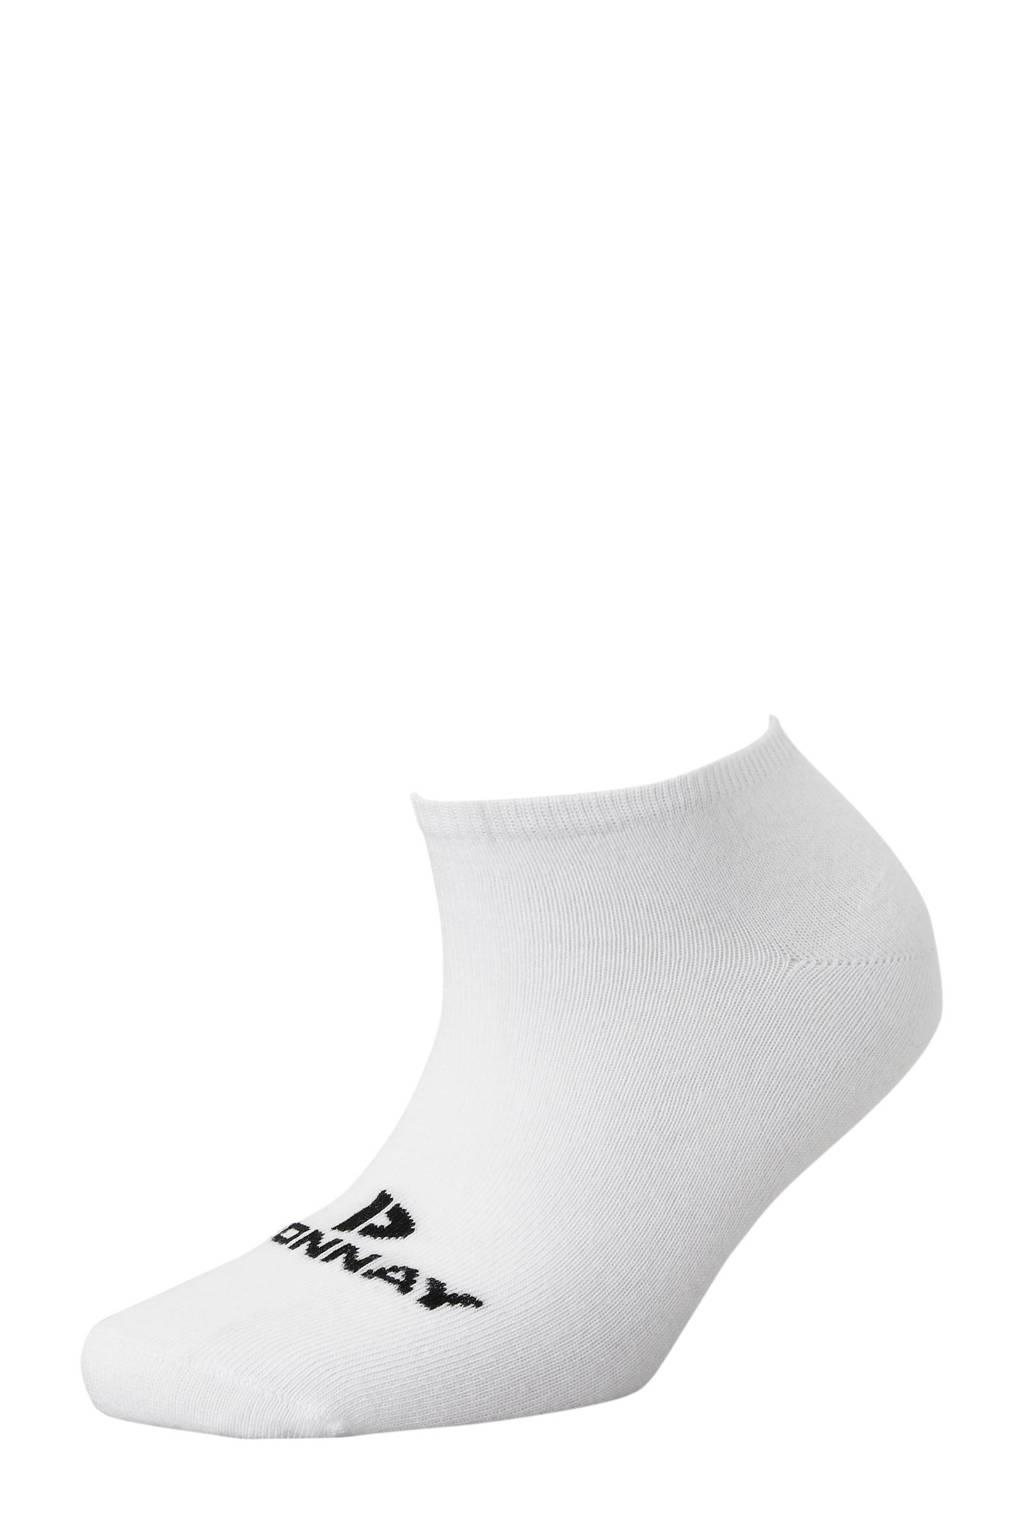 Donnay   sportsokken kort (set van 6 paar) wit, Wit